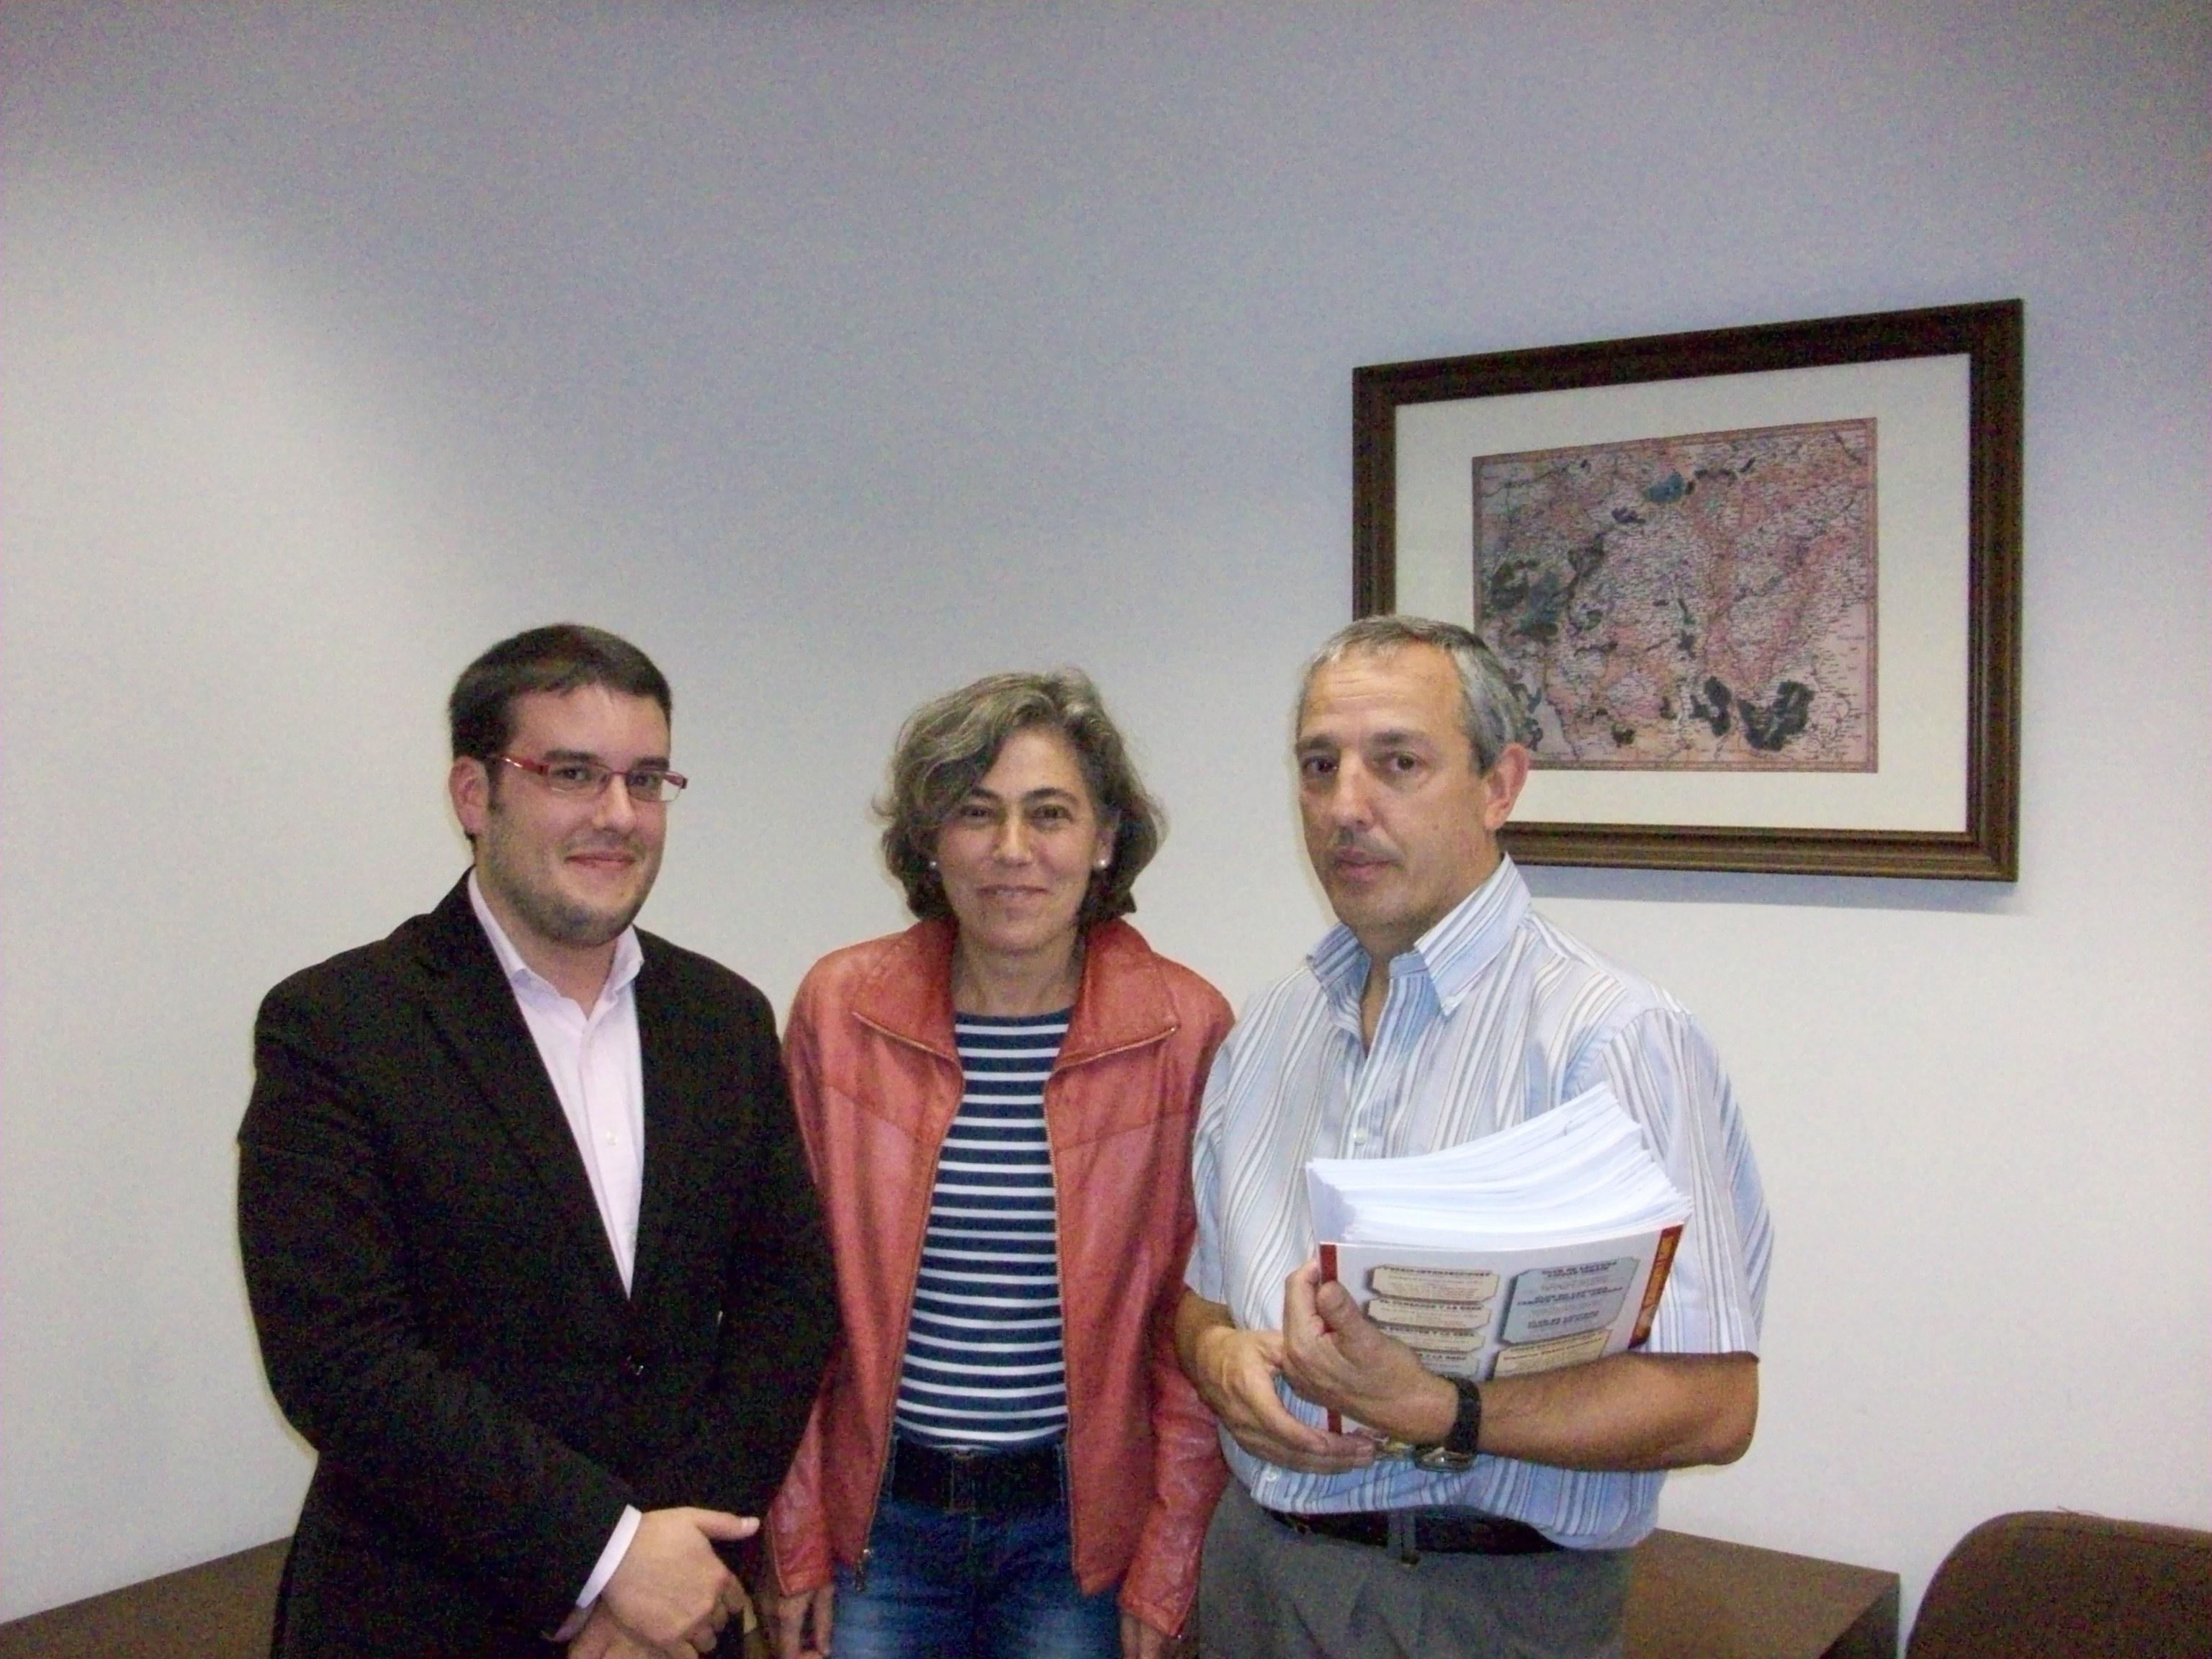 El Consejo de Asociaciones dona su superávit al fondo de becas de la Universidad de Salamanca